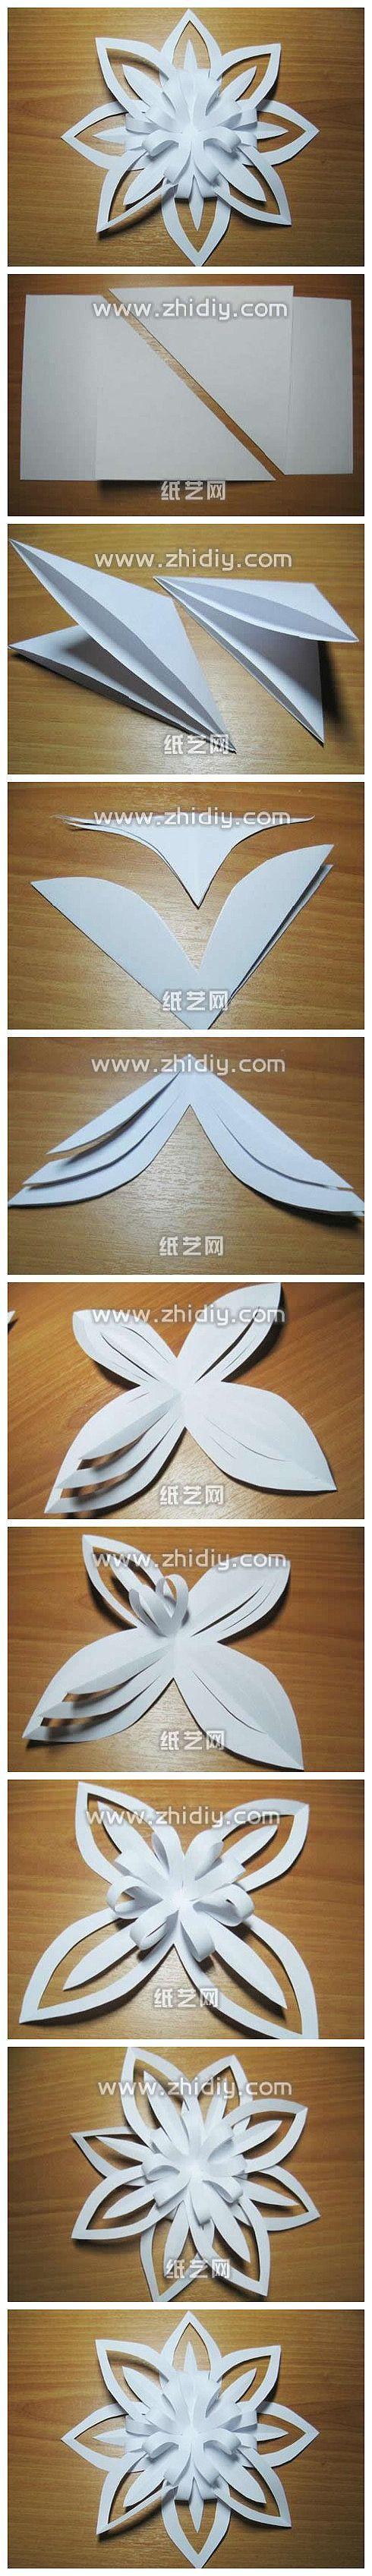 flor fresco y fácil de papel (o copo de nieve?):